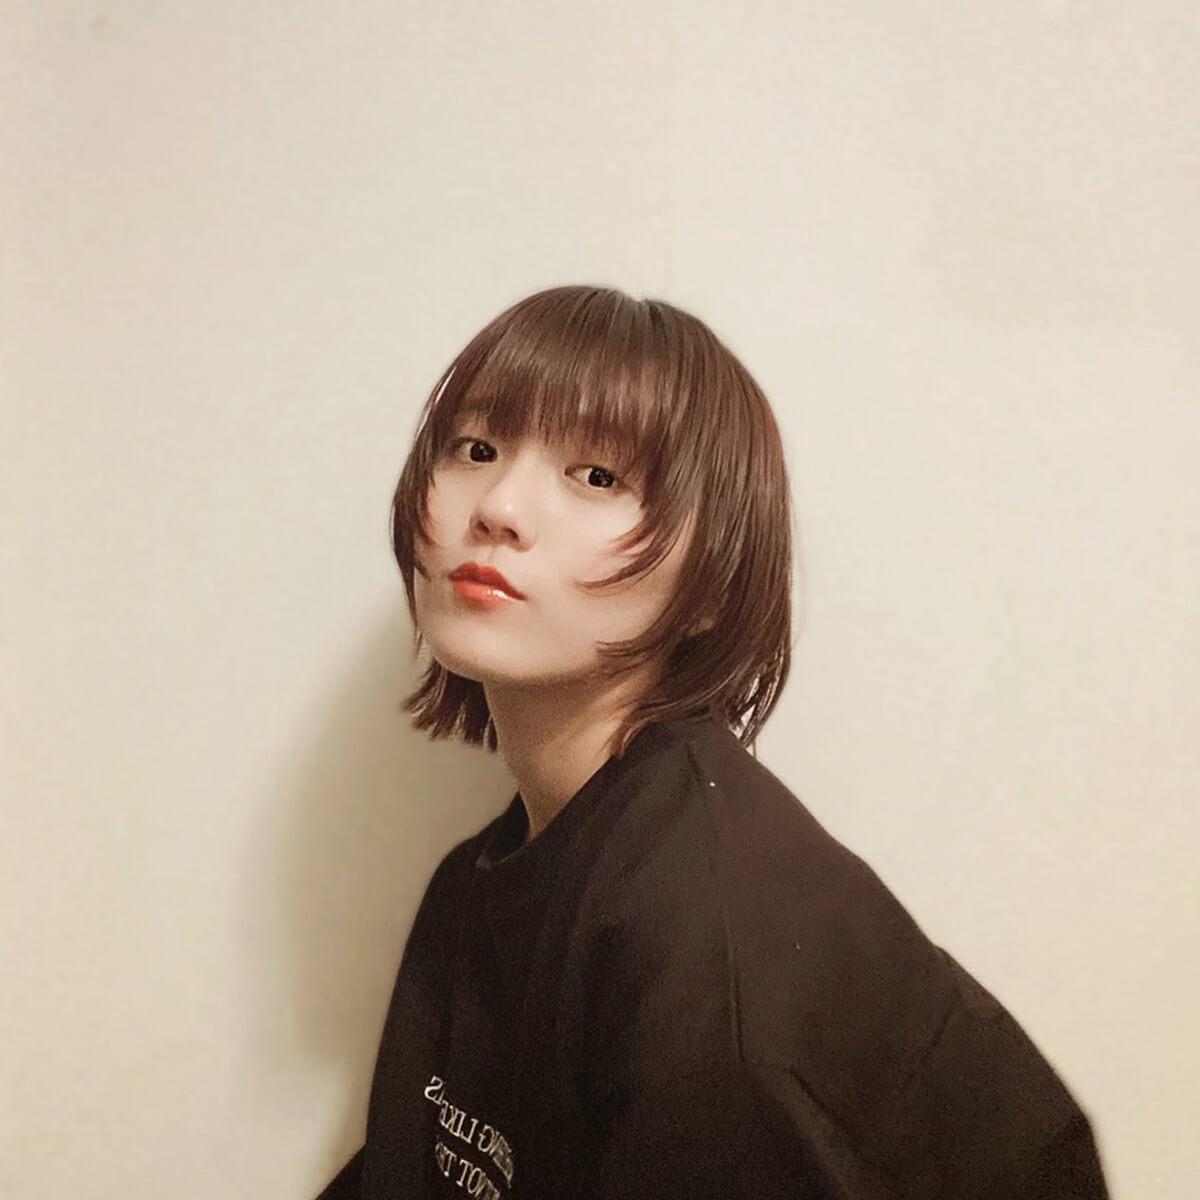 Misakiプロフィール画像